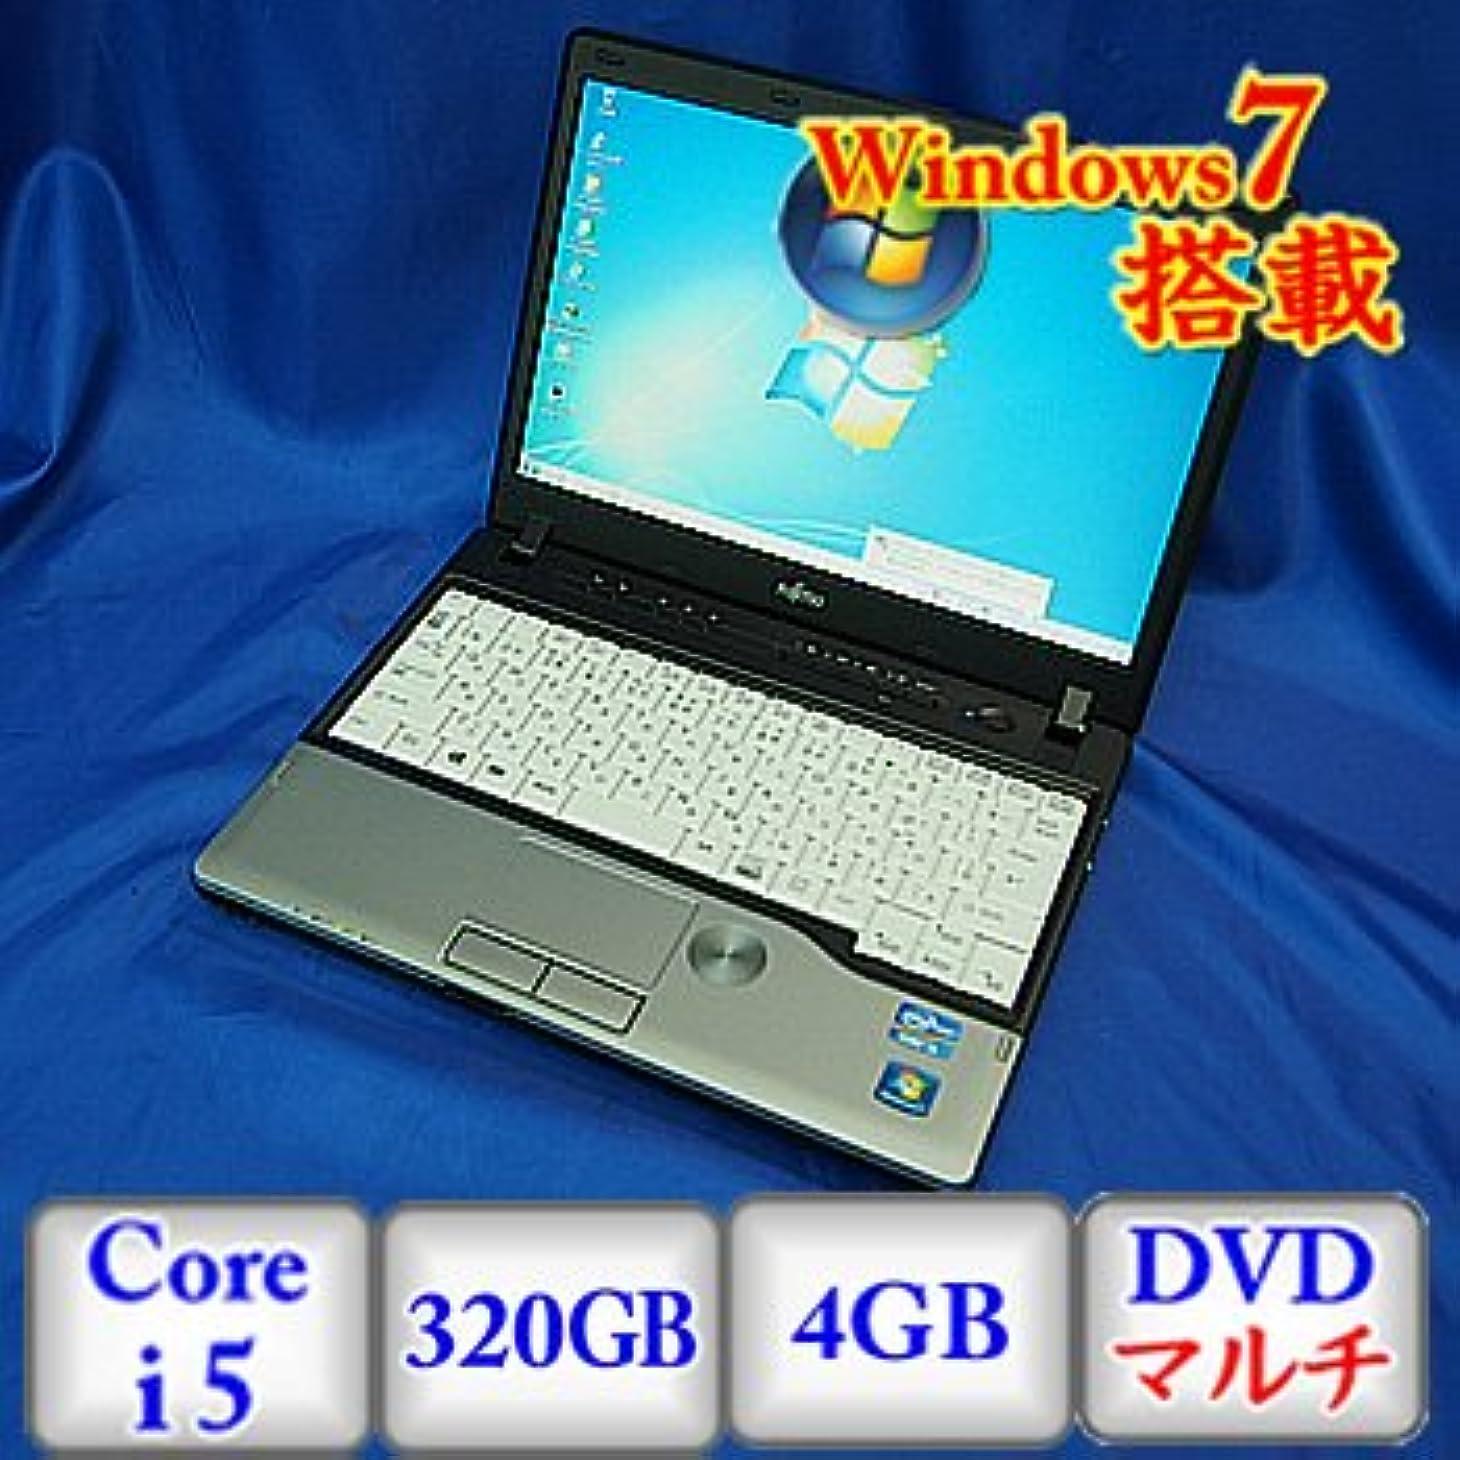 交換ママソブリケット【中古ノートパソコン】富士通 LIFEBOOK P772/F [FMVNP7HE] -Windows7 Professional 32bit Core i5 2.6GHz 4GB 320GB DVDハイパーマルチ 12.1インチ(B0113N011)